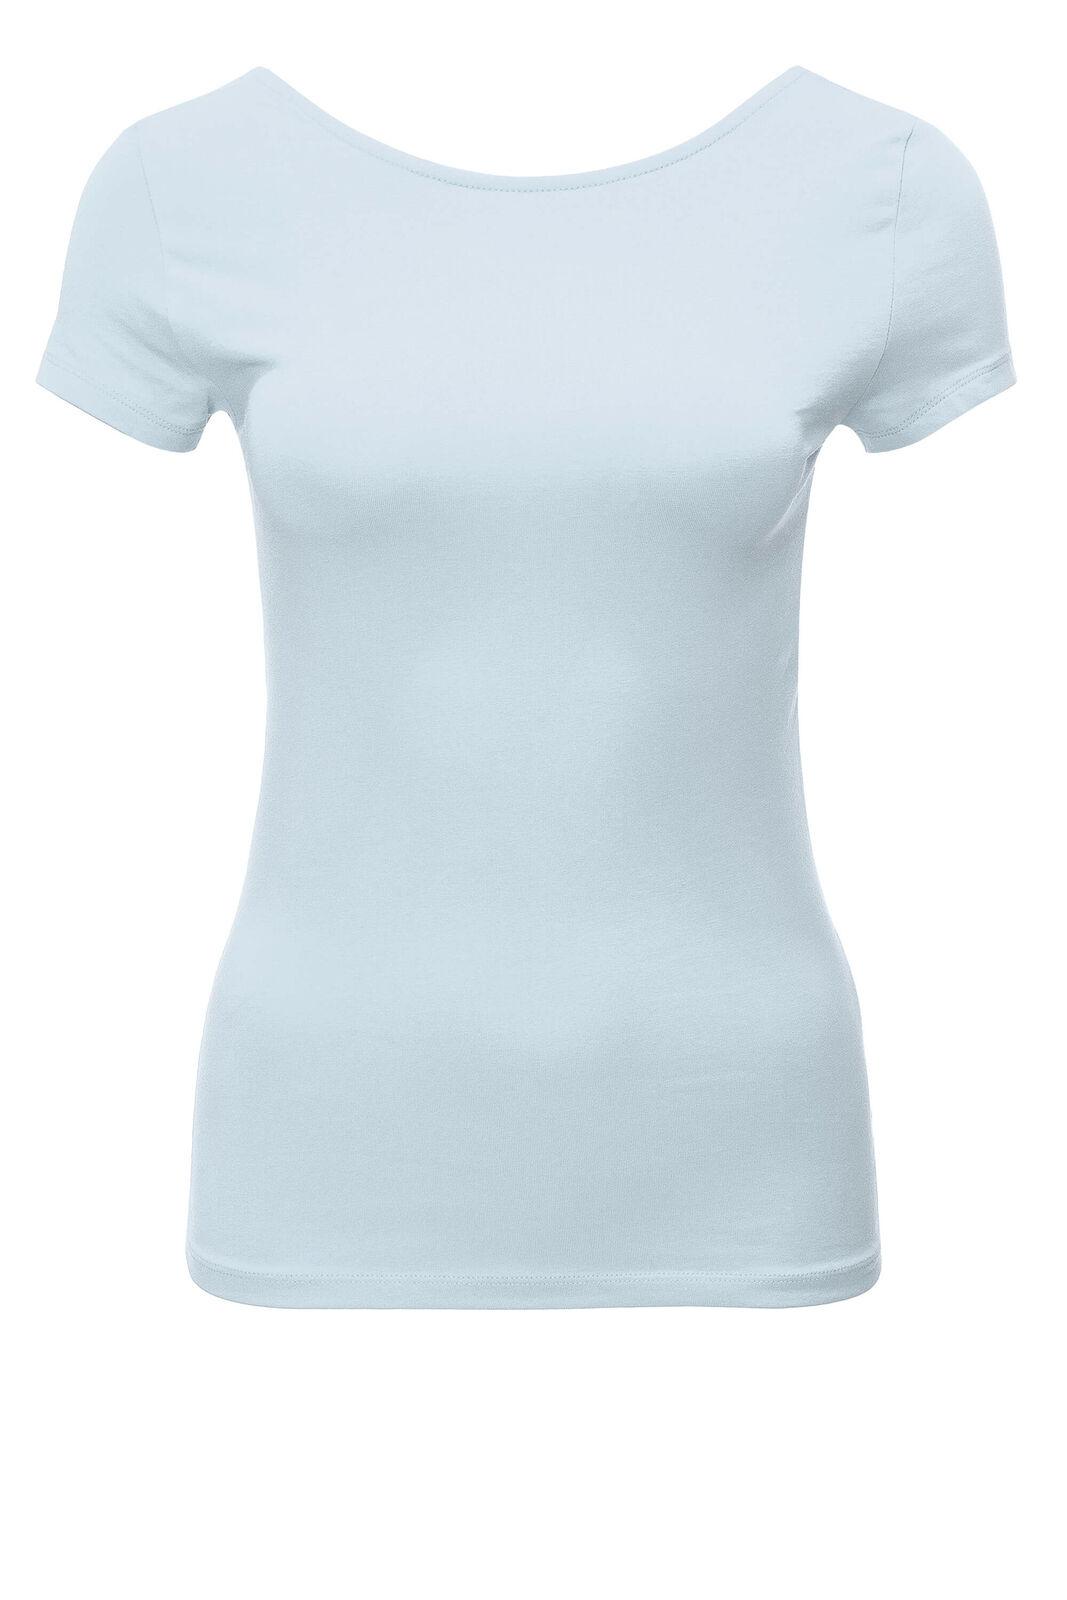 Only Damen T-Shirt Kurzarm Shirt Basic Lace Up Damenshirt Top Damentop SALE